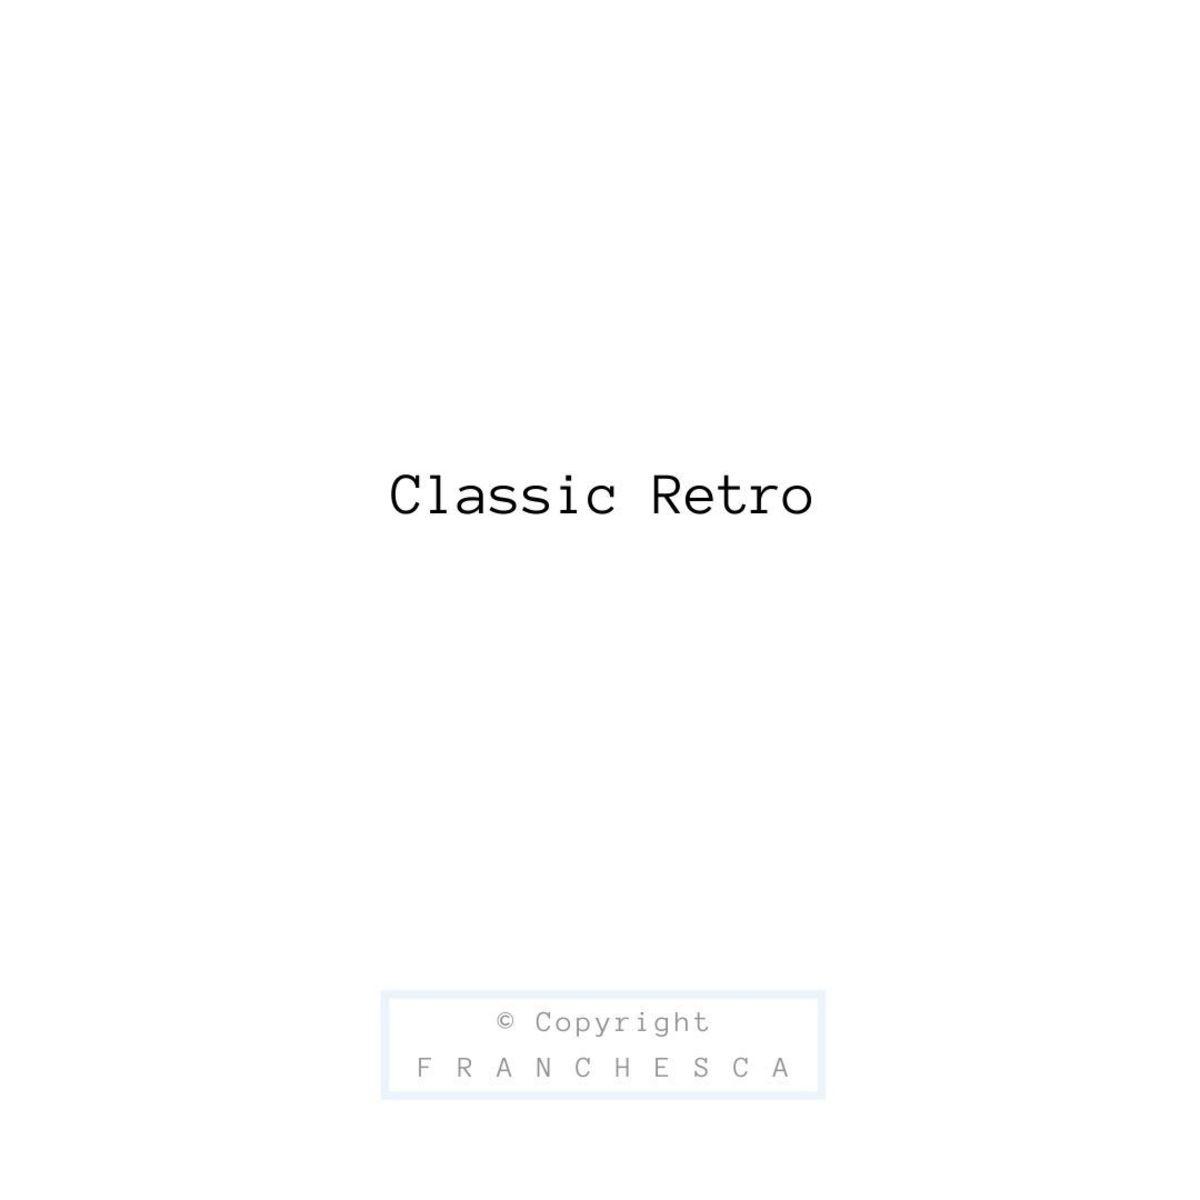 117th-article-classic-retro